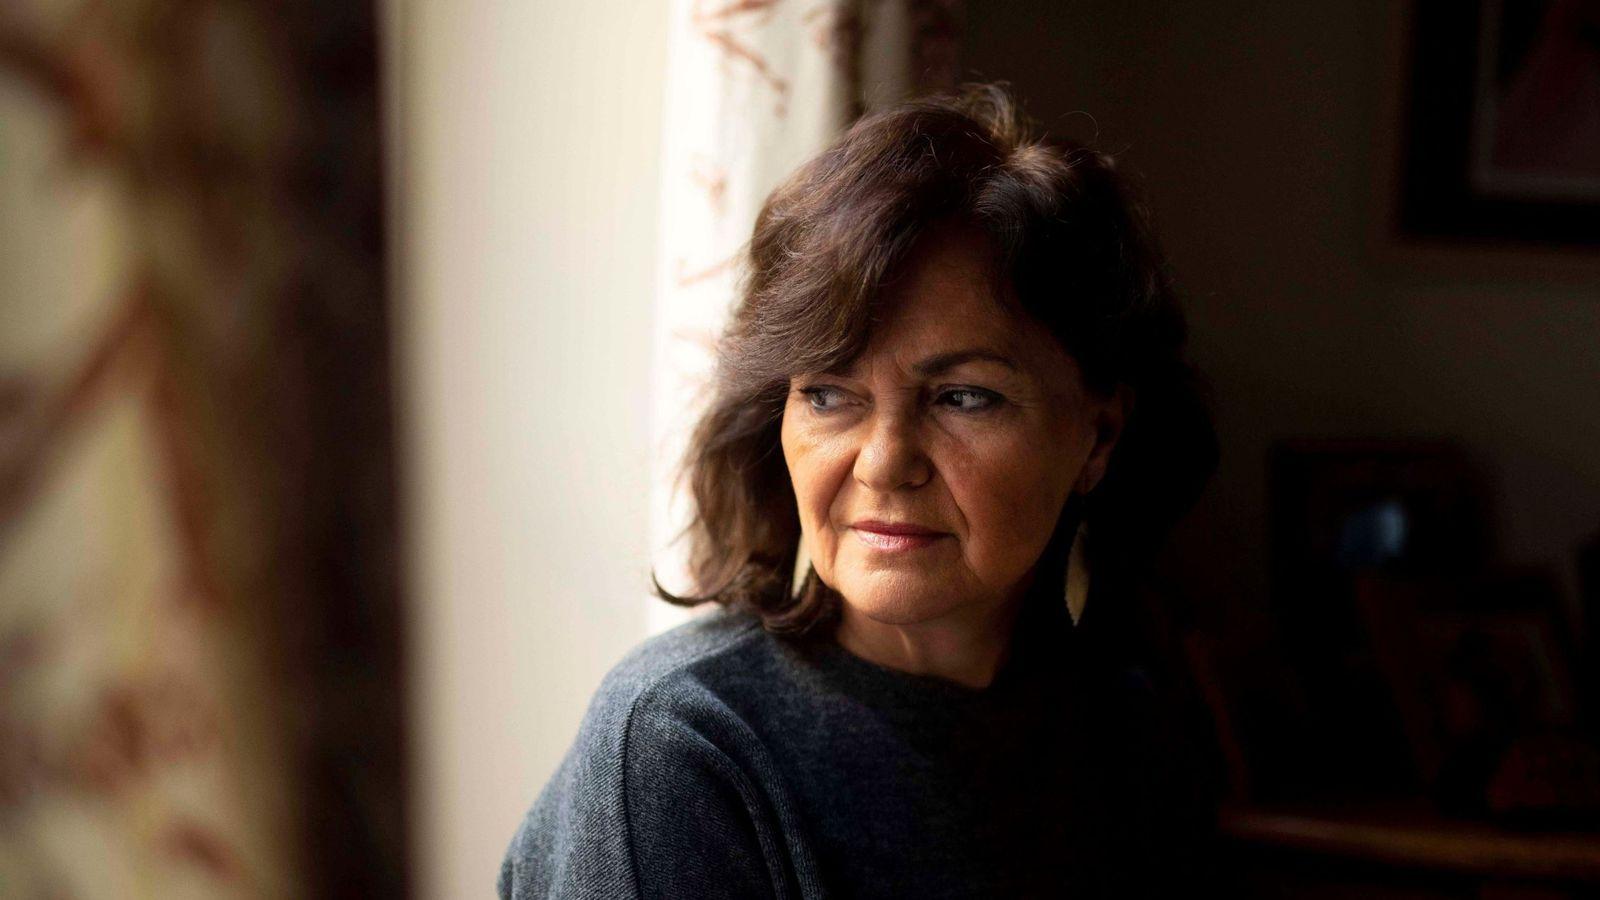 Foto: La vicepresidenta del Gobierno, Carmen Calvo, el pasado 5 de enero en Cabra, Córdoba. (EFE)